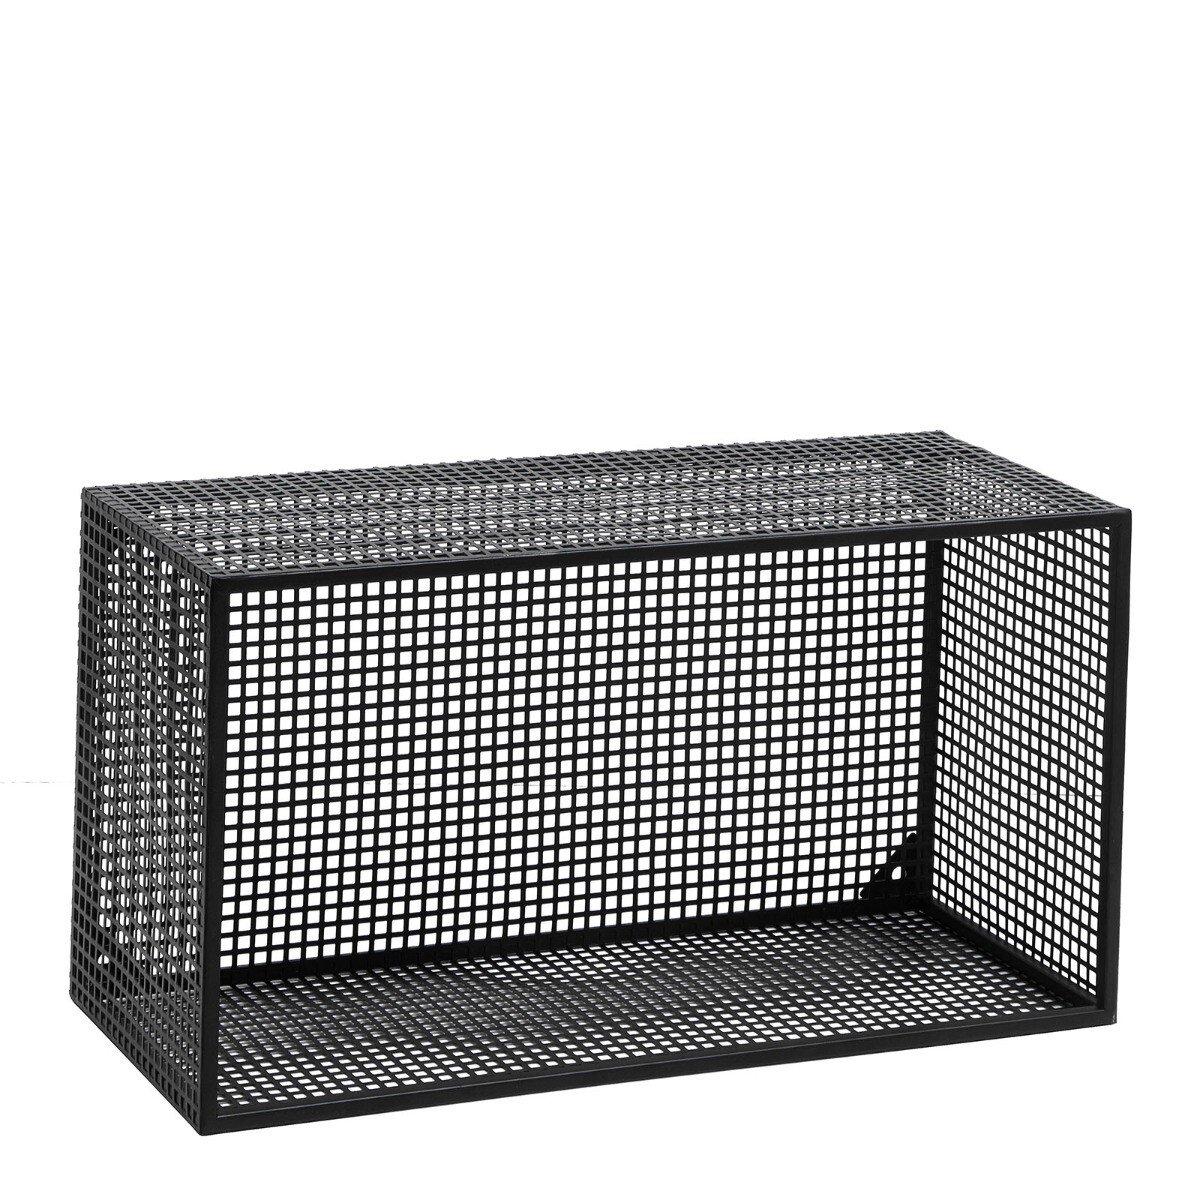 Nordal wandrek wire metaal zwart 32 x 60 x 25